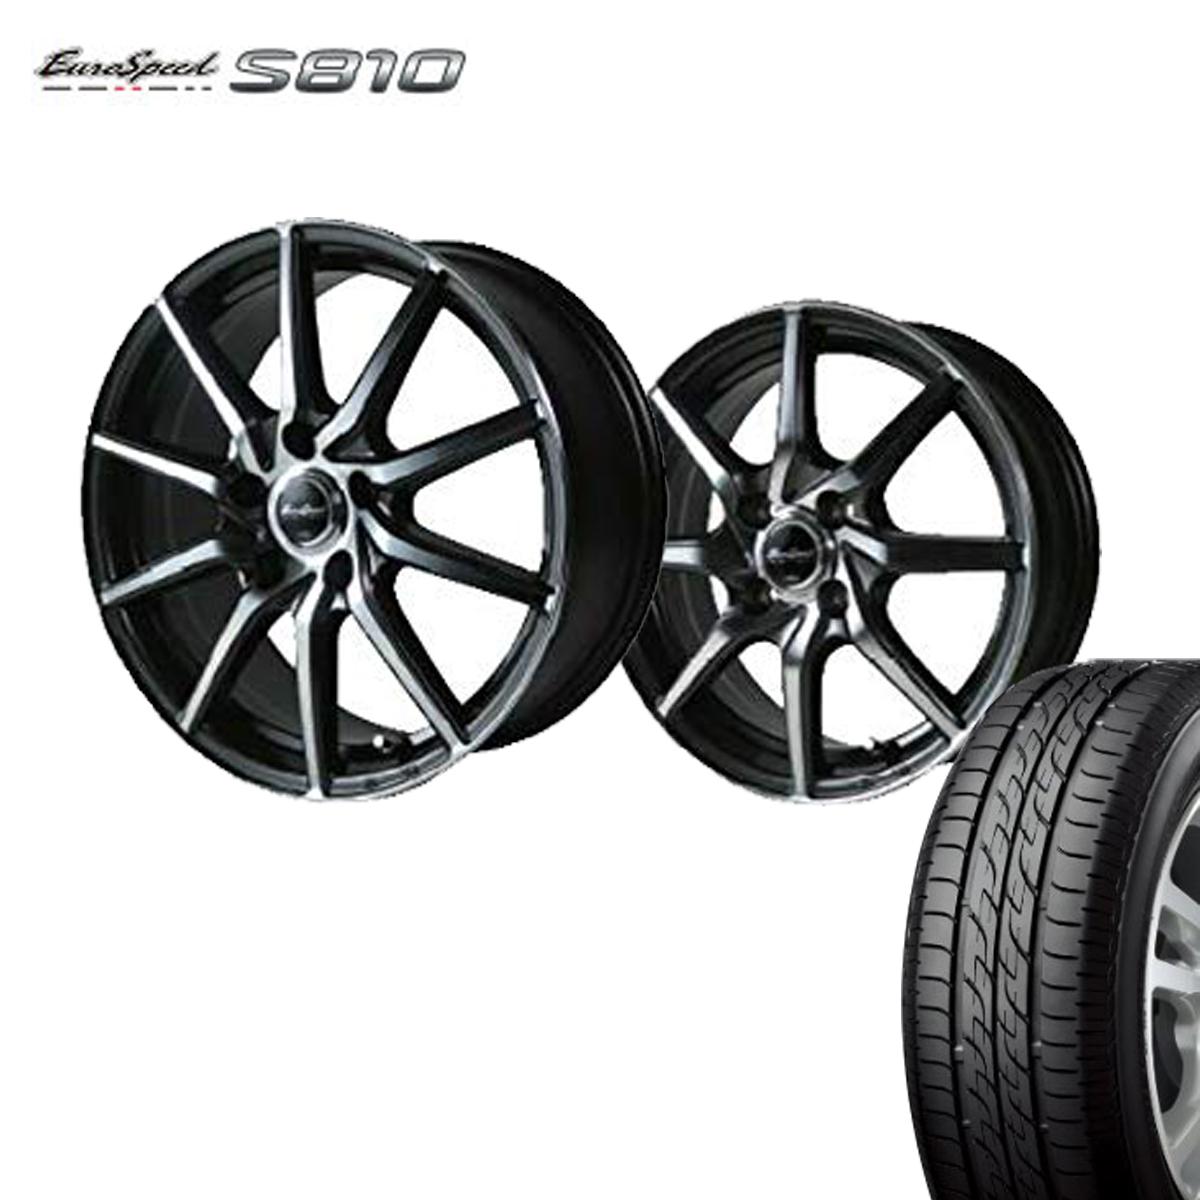 Euro Speed タイヤ ホイール セット 4本 17インチ 5H114.3 7.0J+48 ユーロスピード S810 マナレイ スポーツ 特選輸入タイヤ 215/50R17 215 50 17